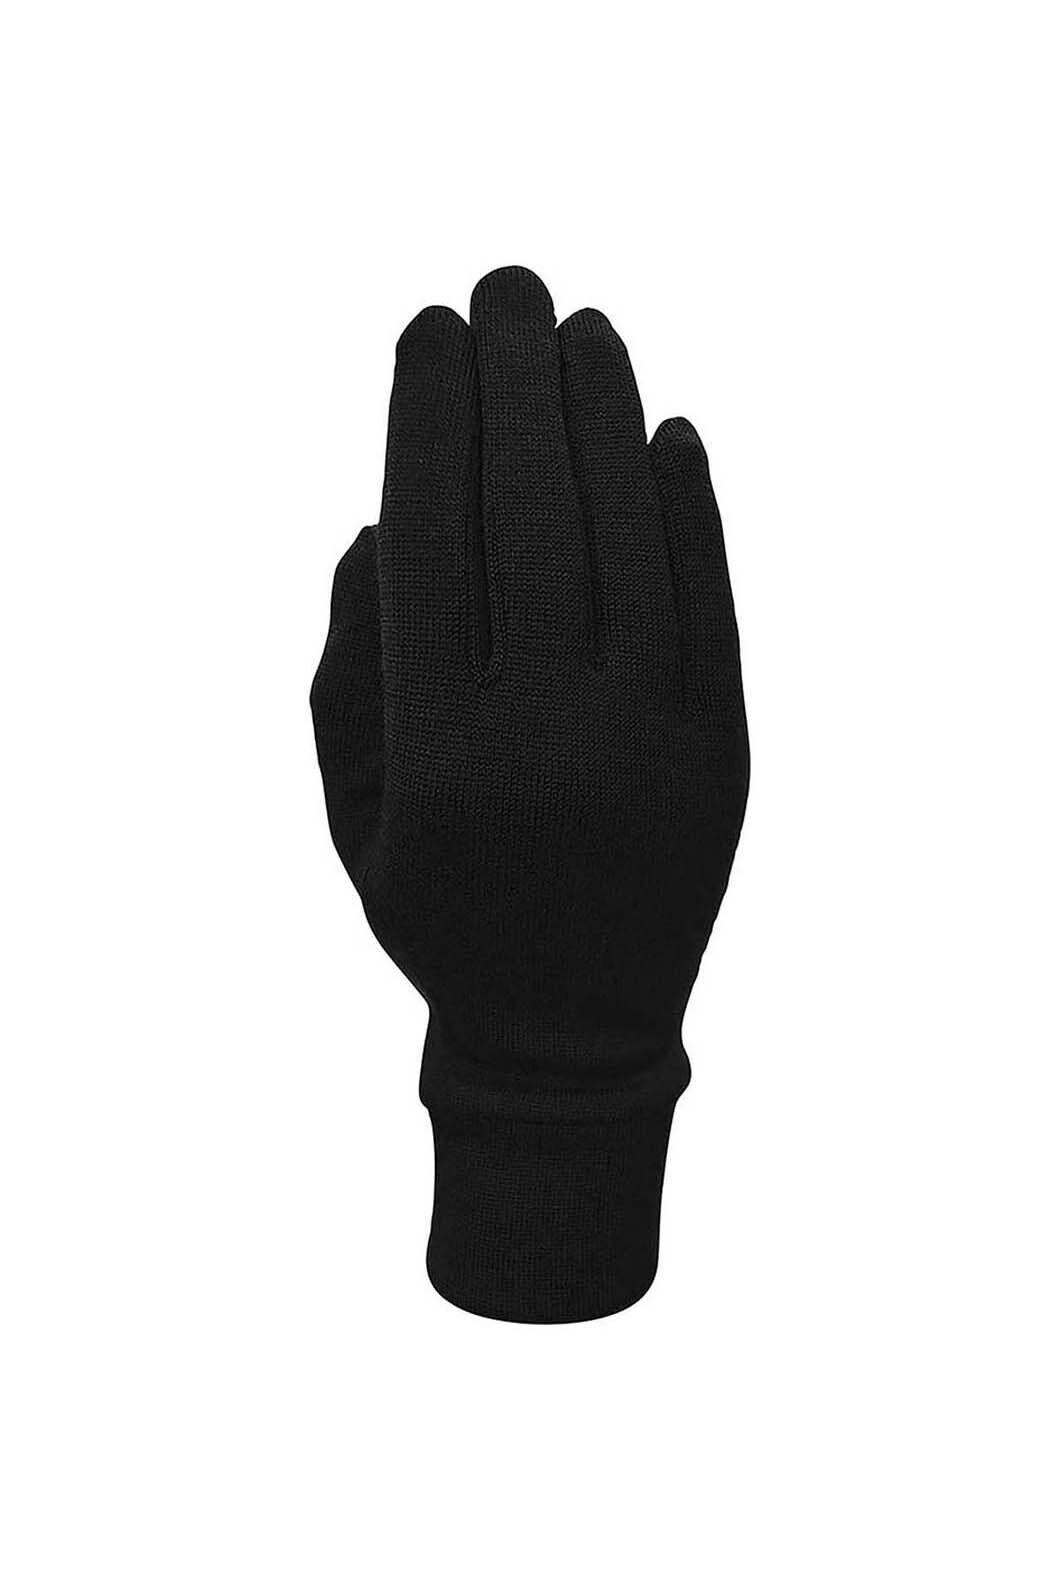 XTM Merino Gloves, Black, hi-res